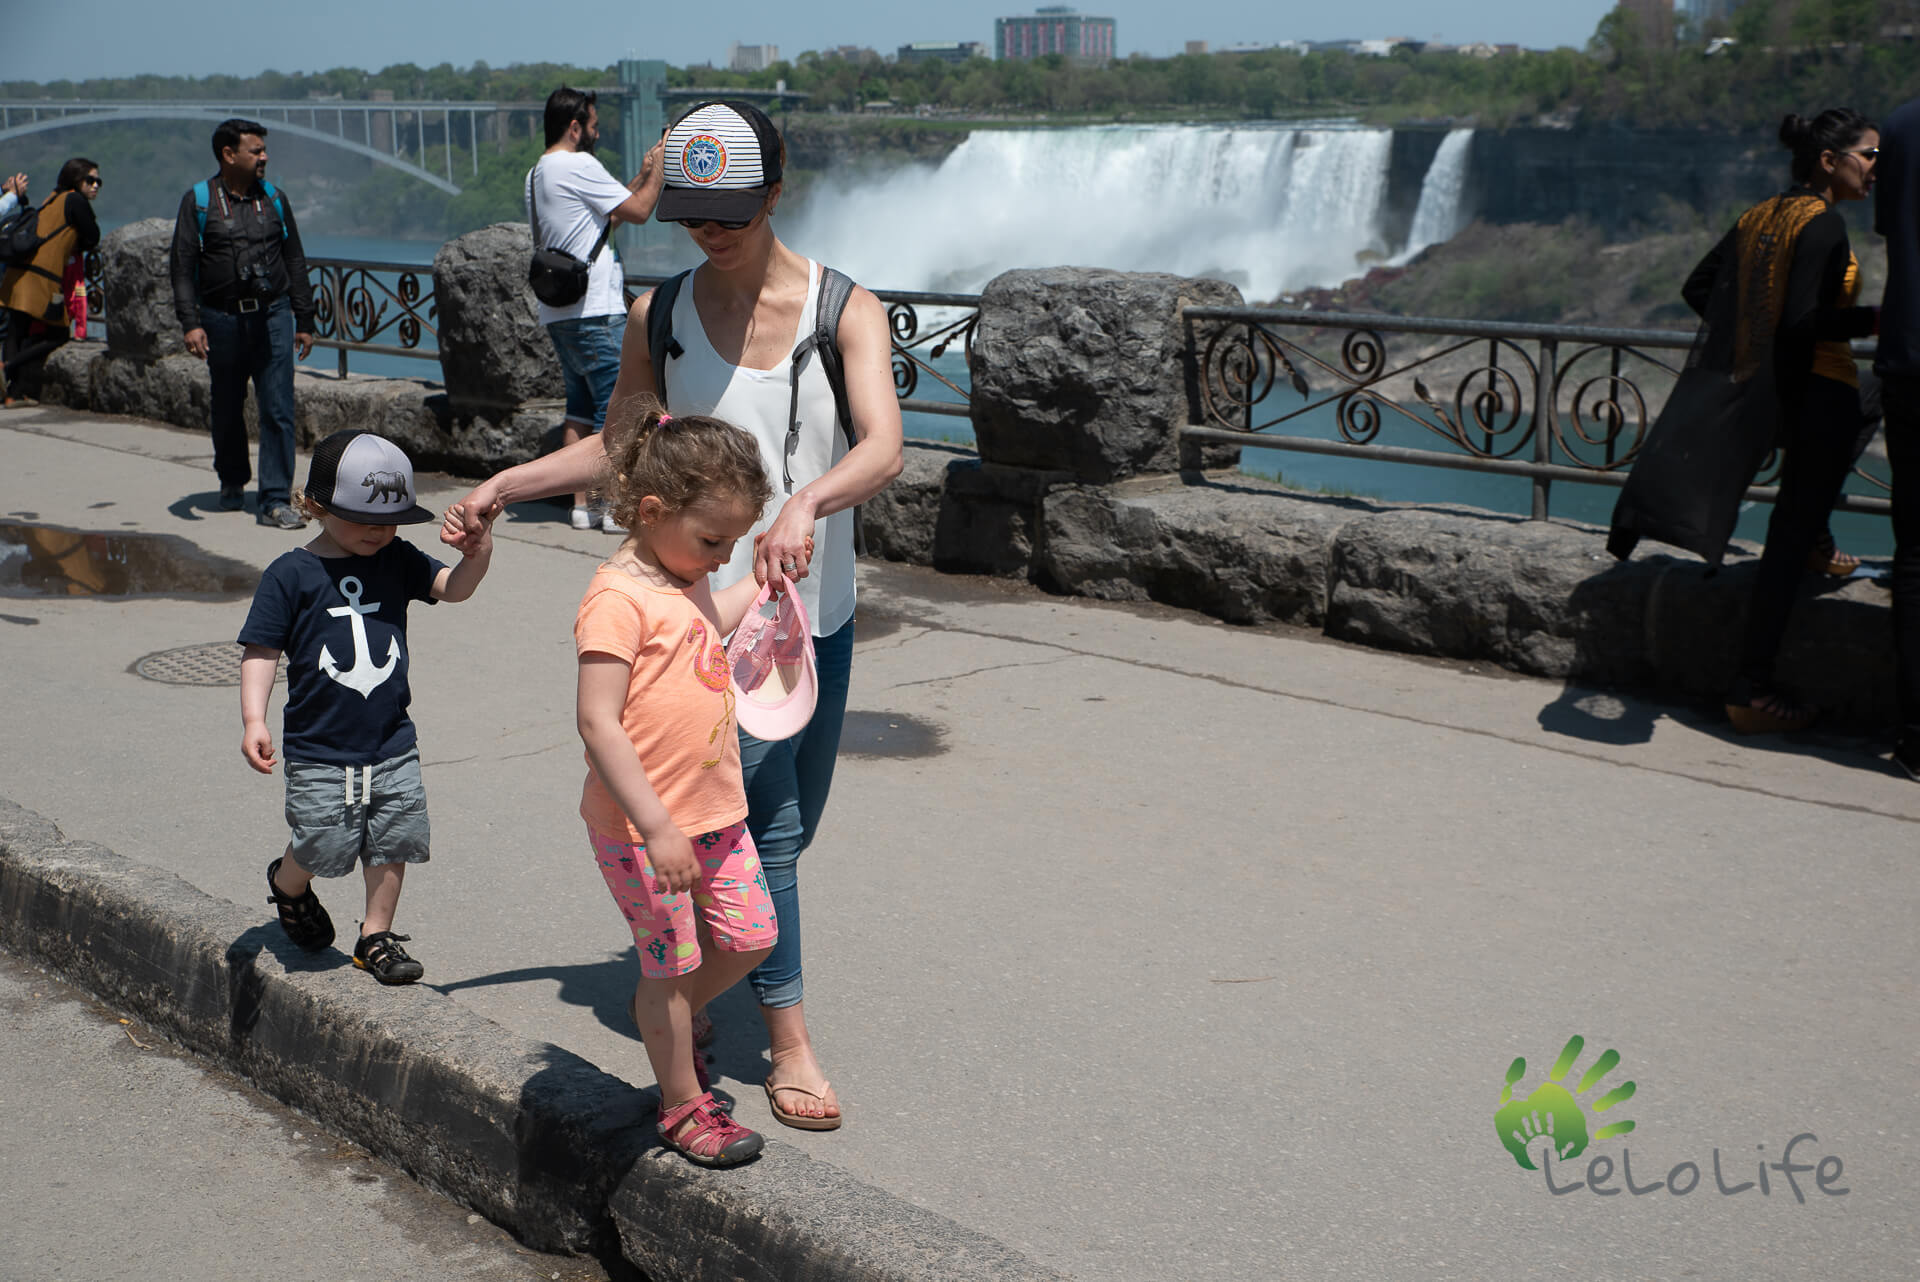 LeLoLife - Marcher avec les enfants aux Chutes Niagara